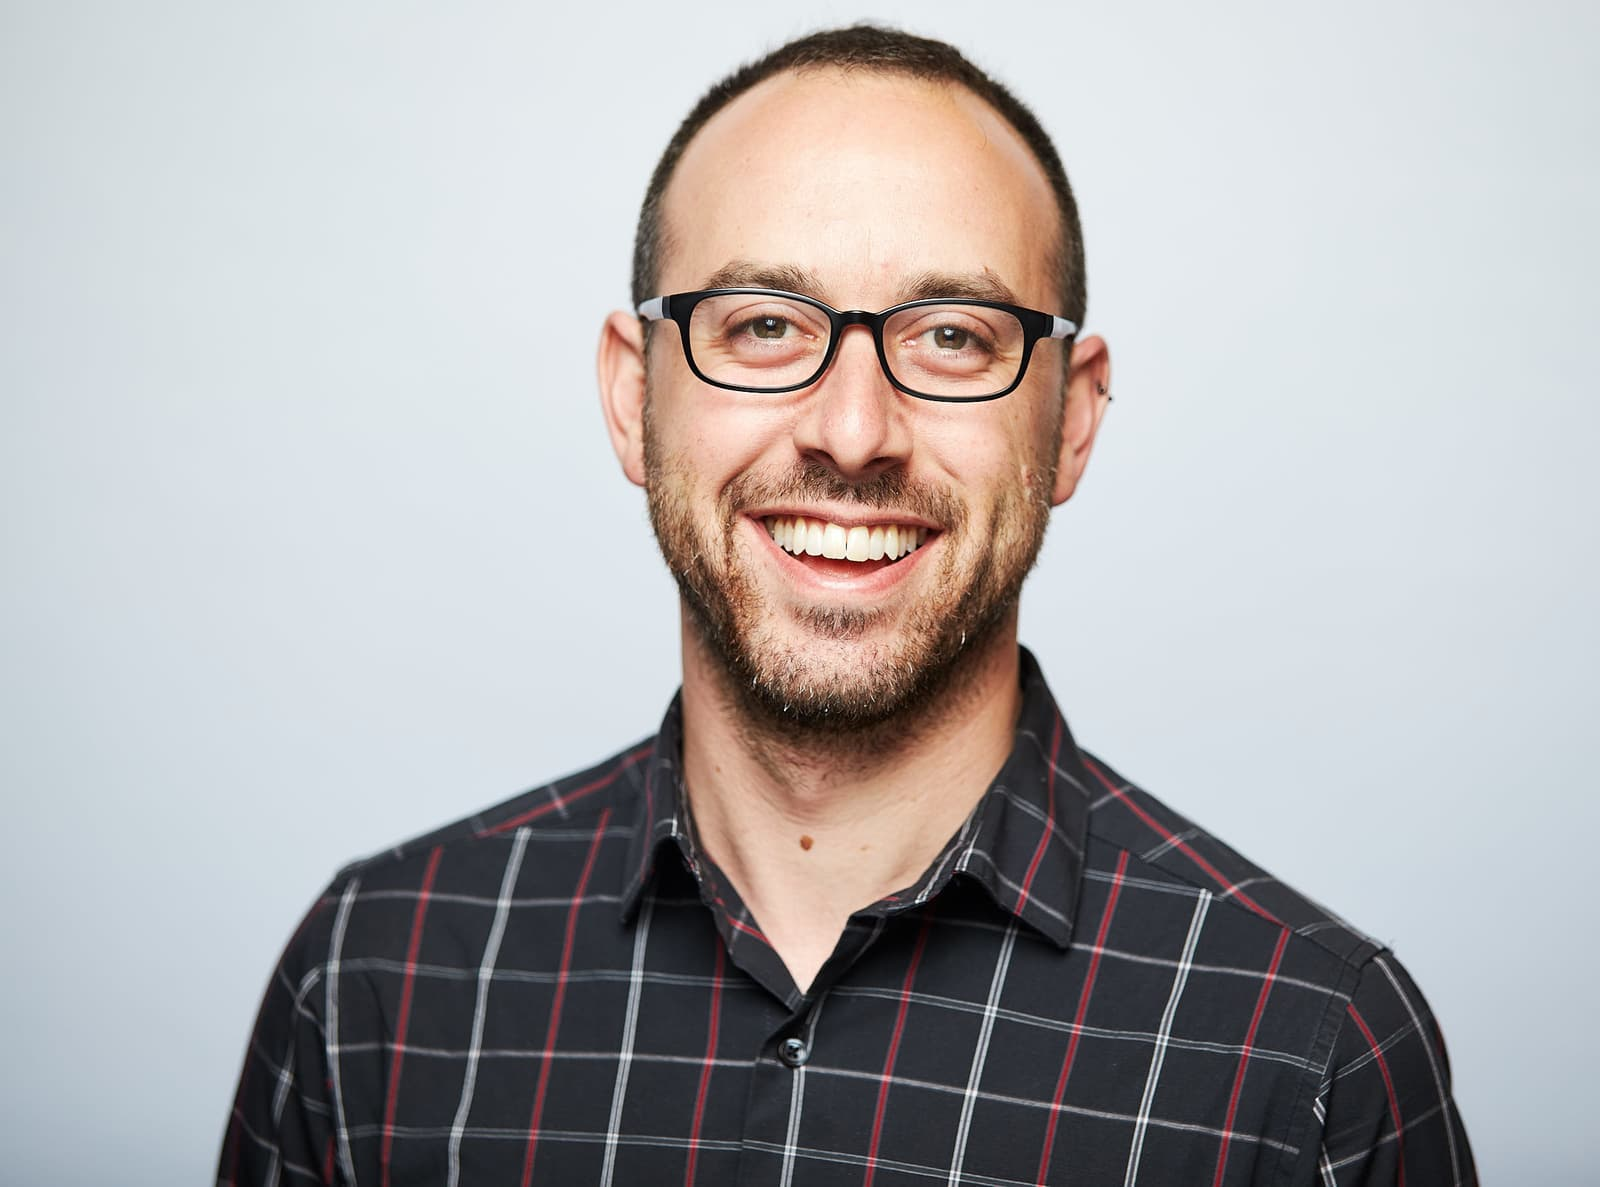 Daniel Yaffe